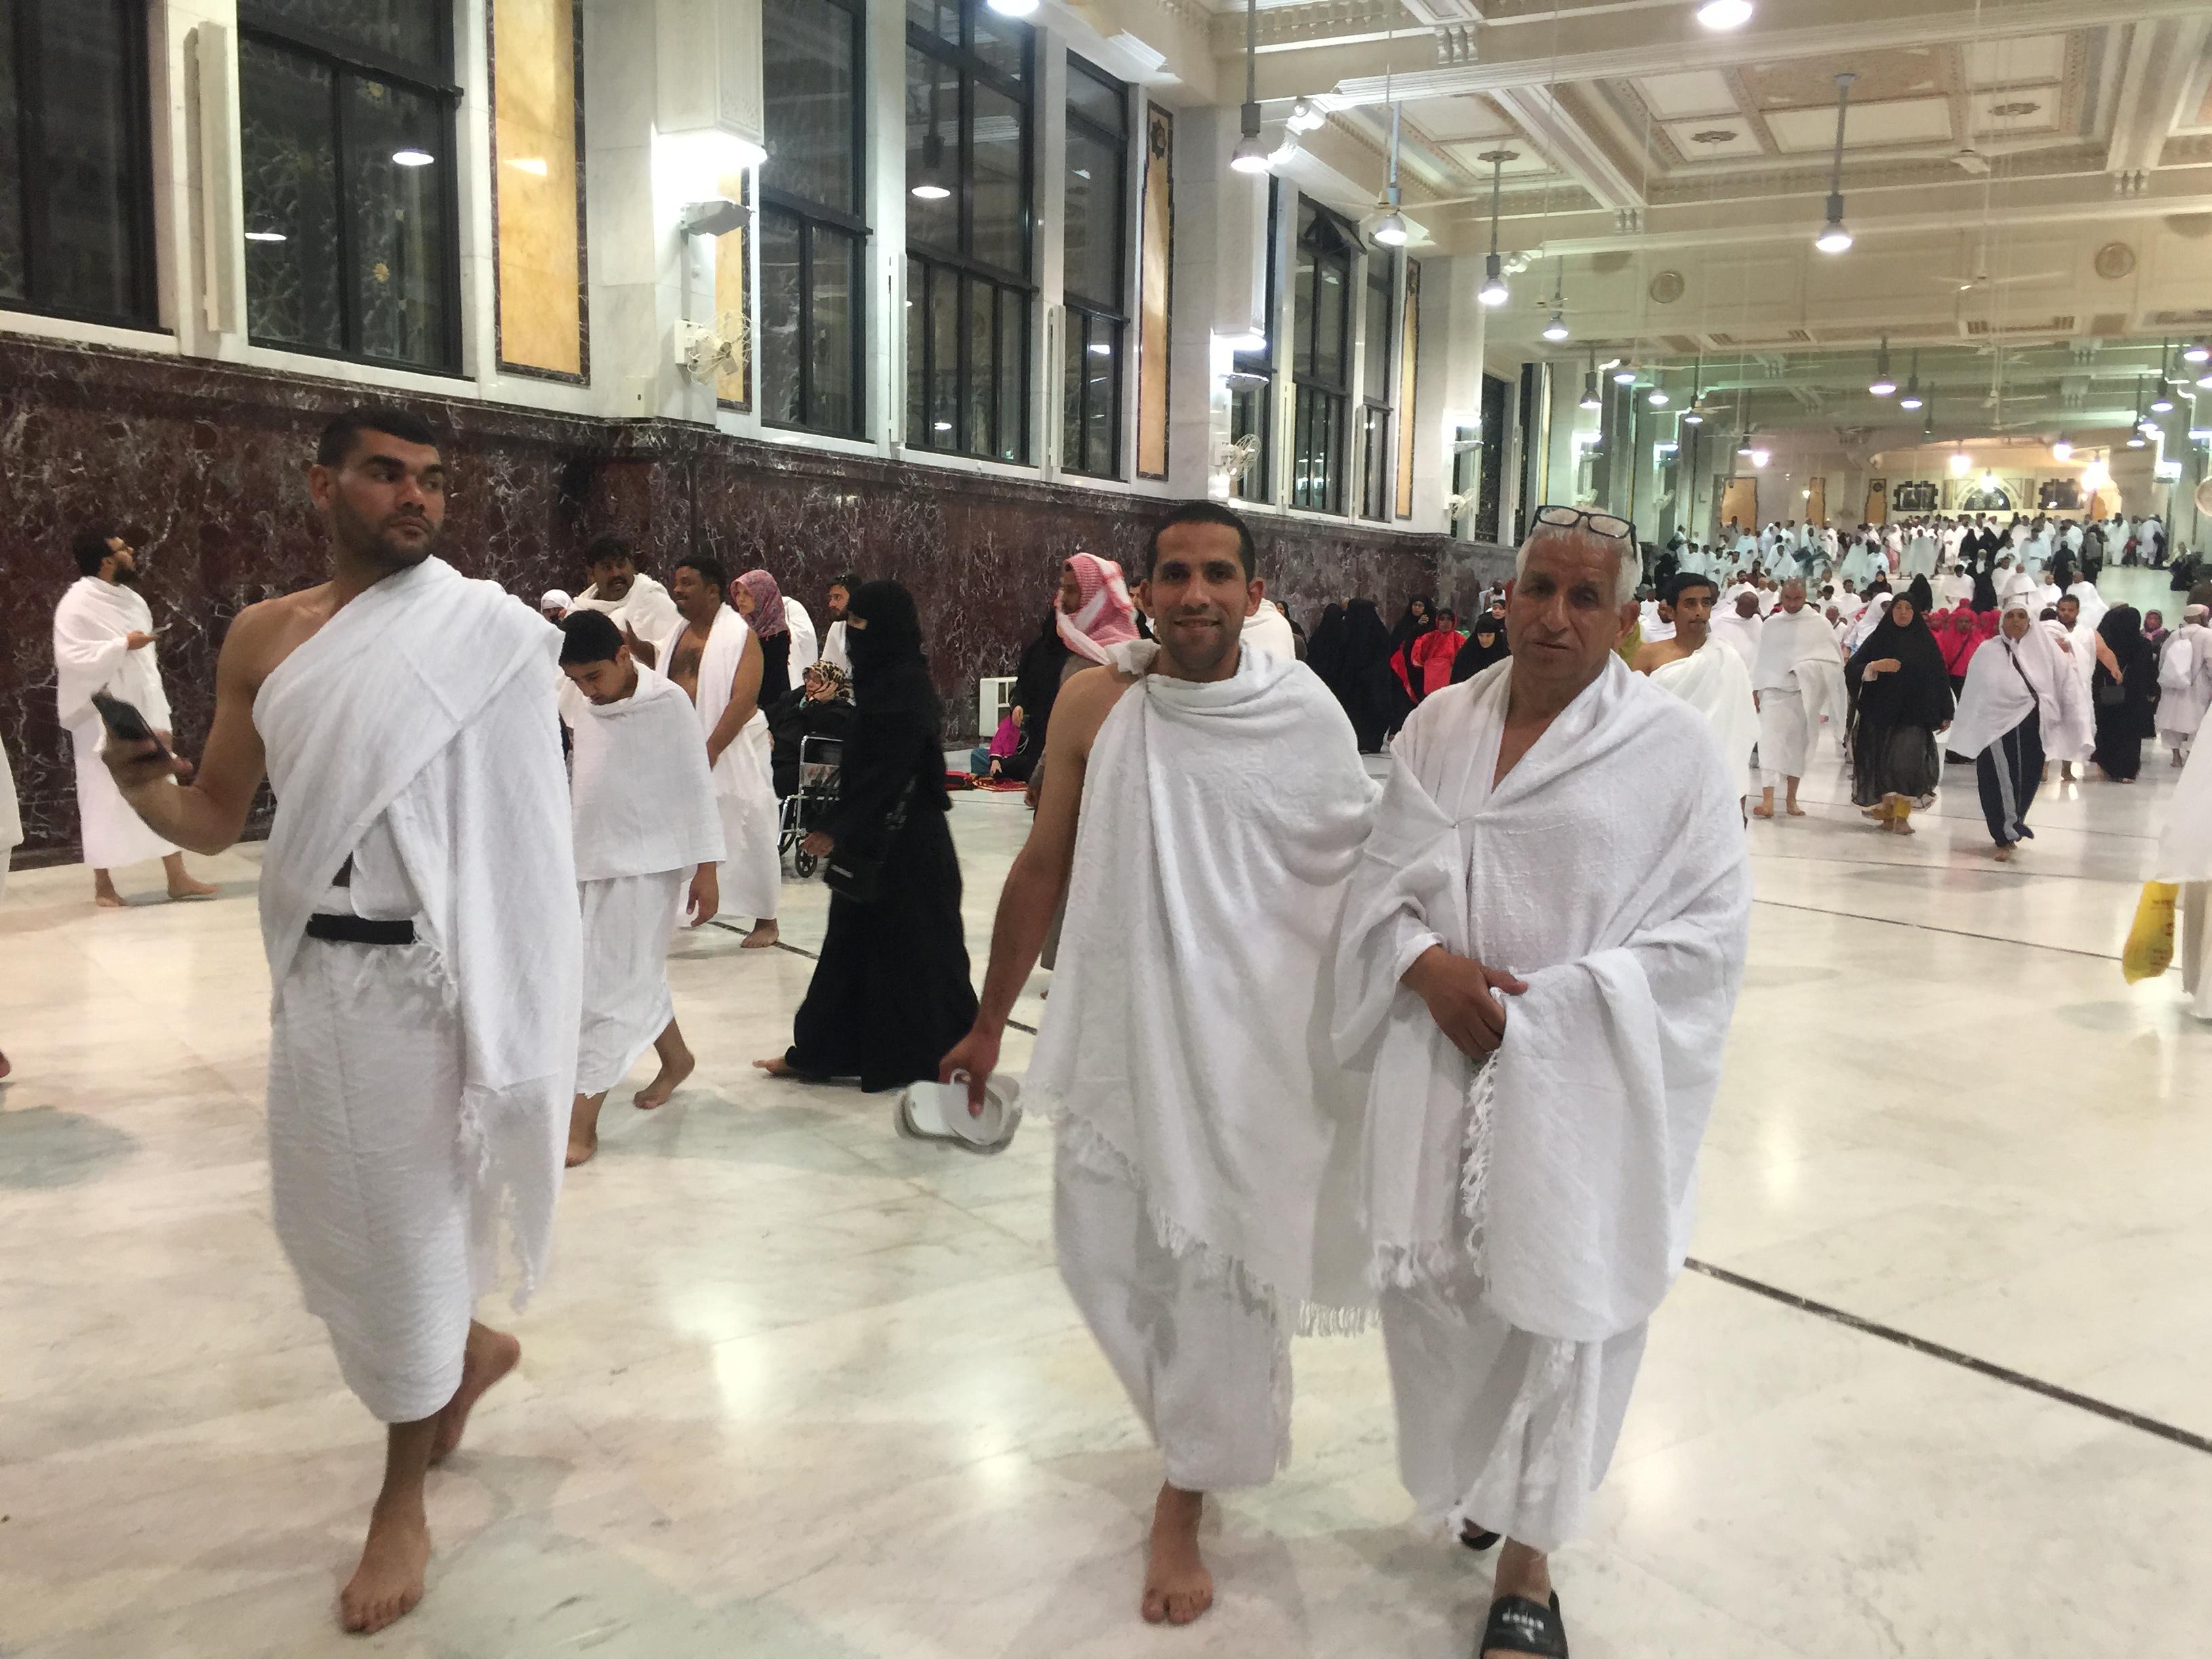 معتمرو اللد يصلون مكة المكرمة ويؤدون مناسك العمرة